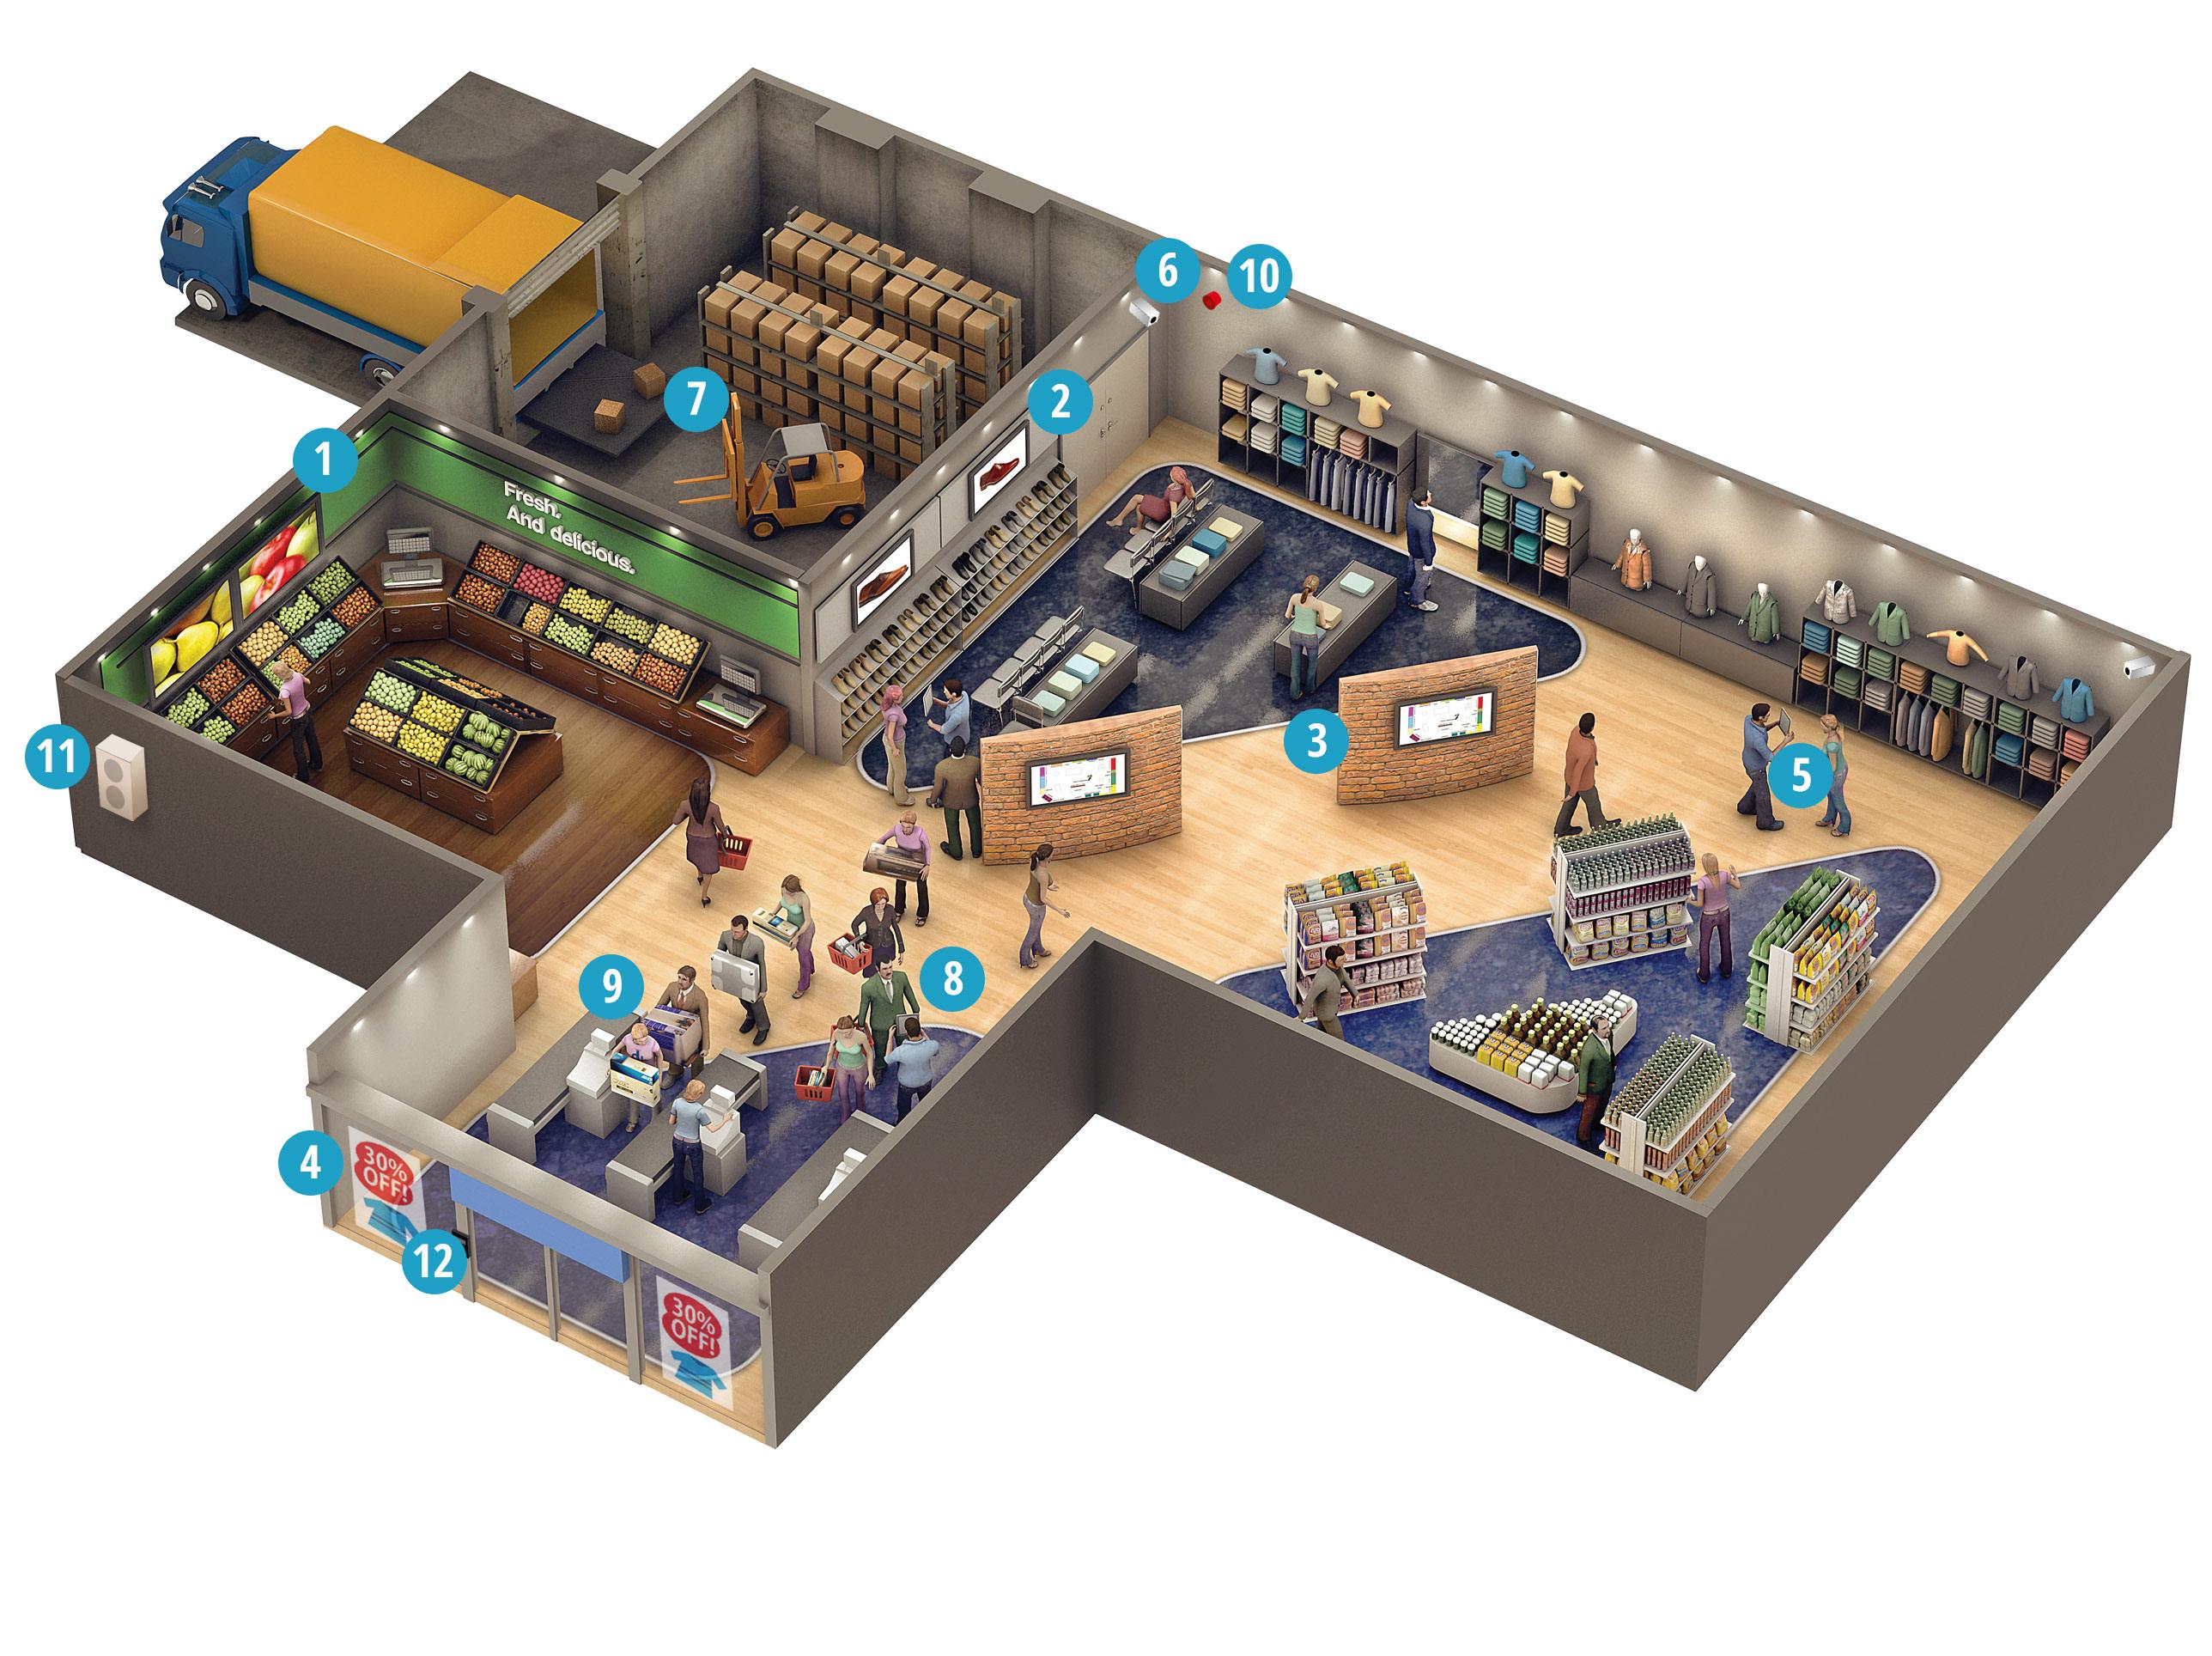 Comment les solutions de Panasonic aident-elles les chaînes de magasins?